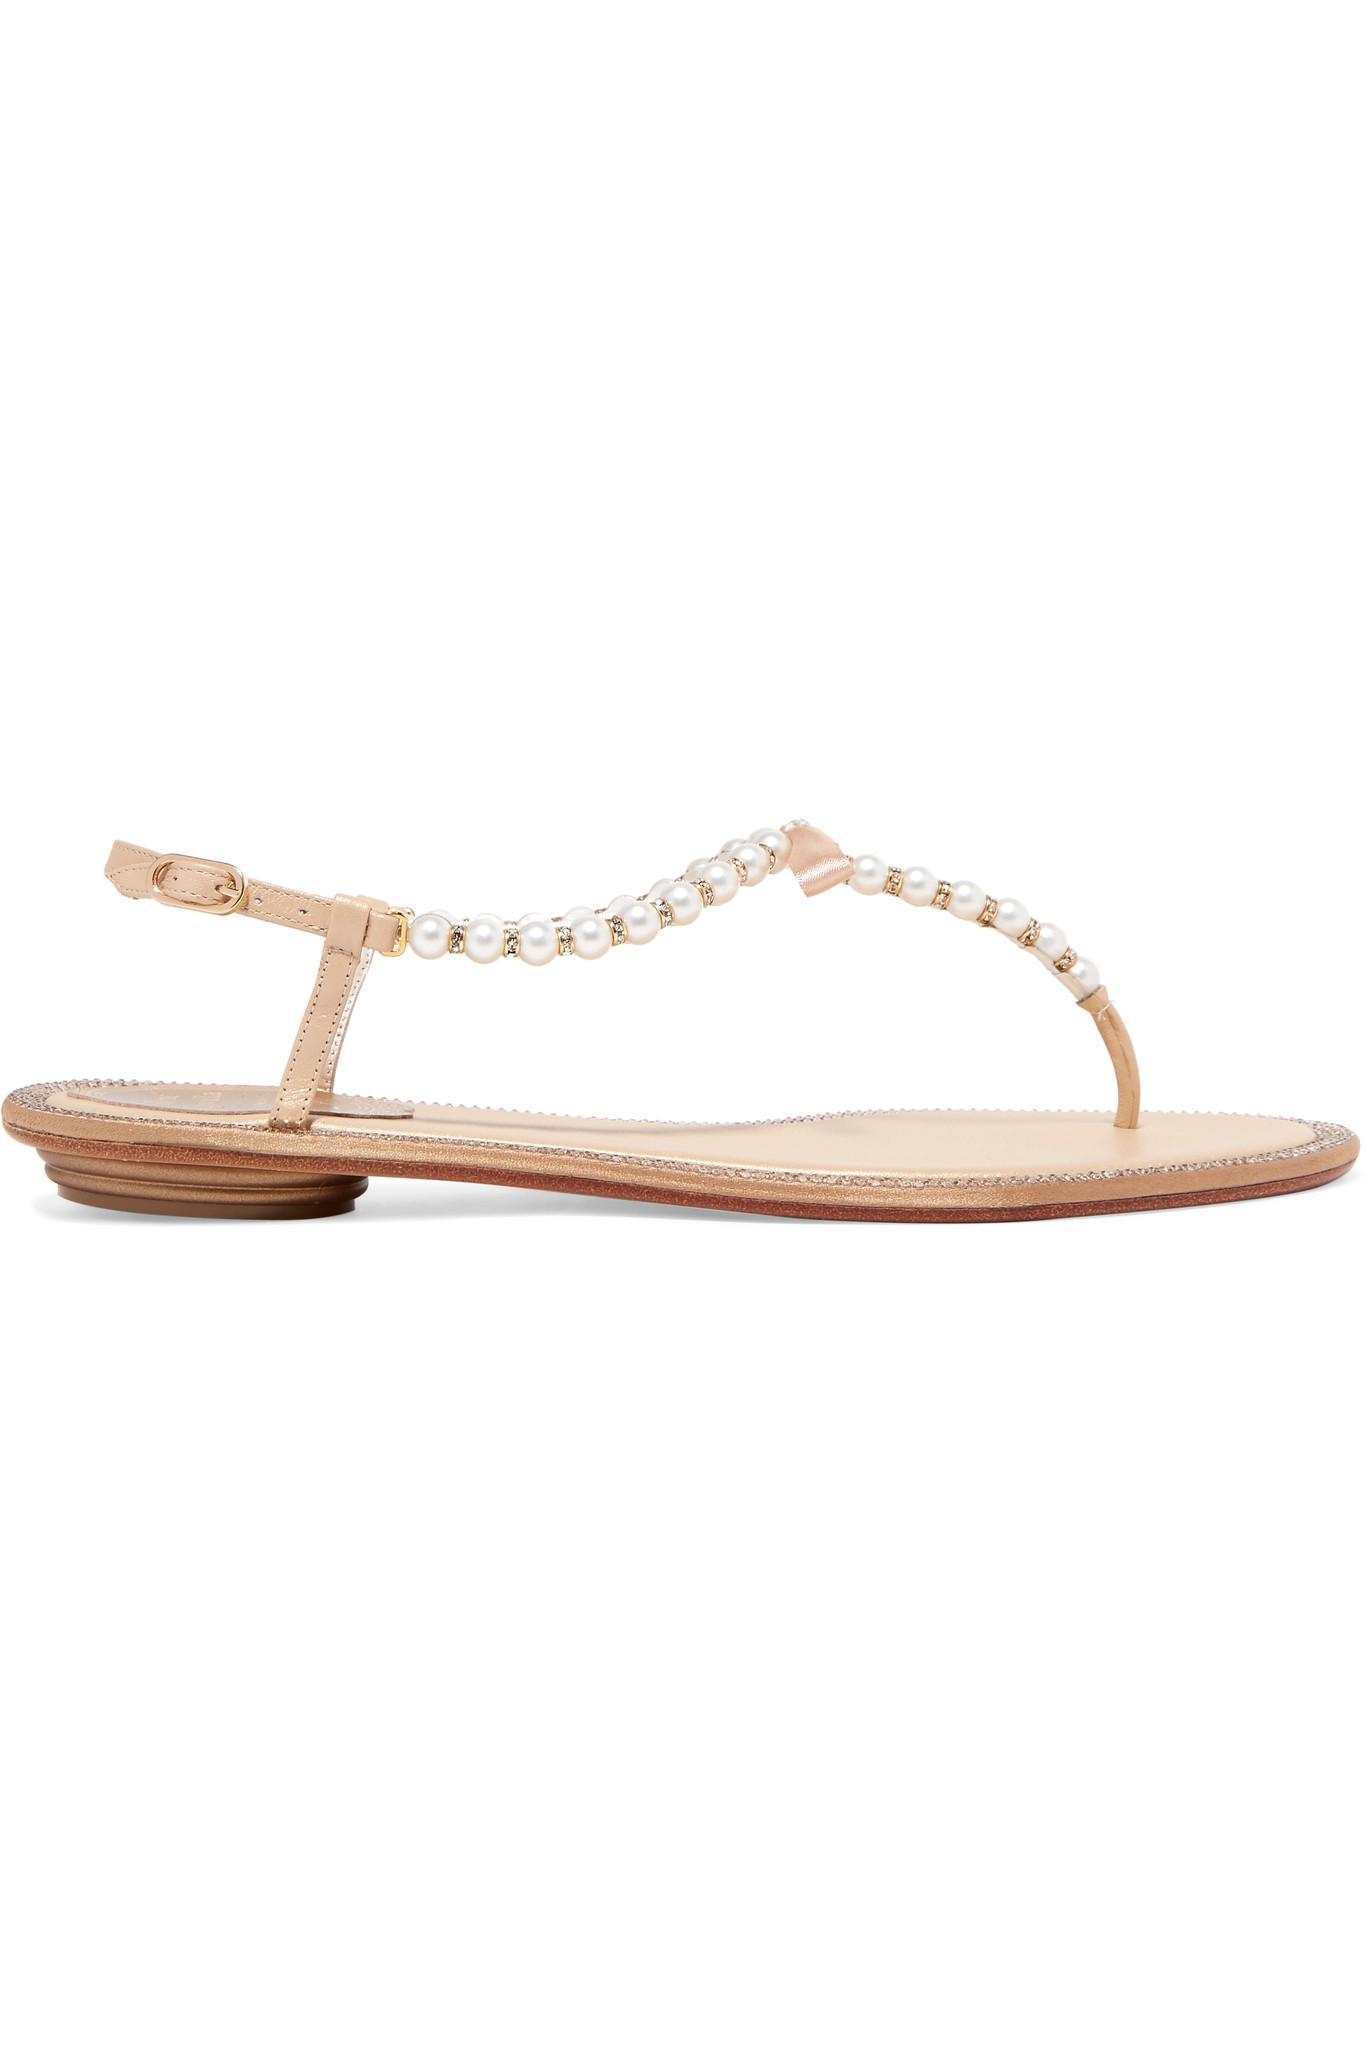 af4ed1216e5c71 Rene Caovilla Eliza Embellished Leather Sandals in White - Save 8 ...